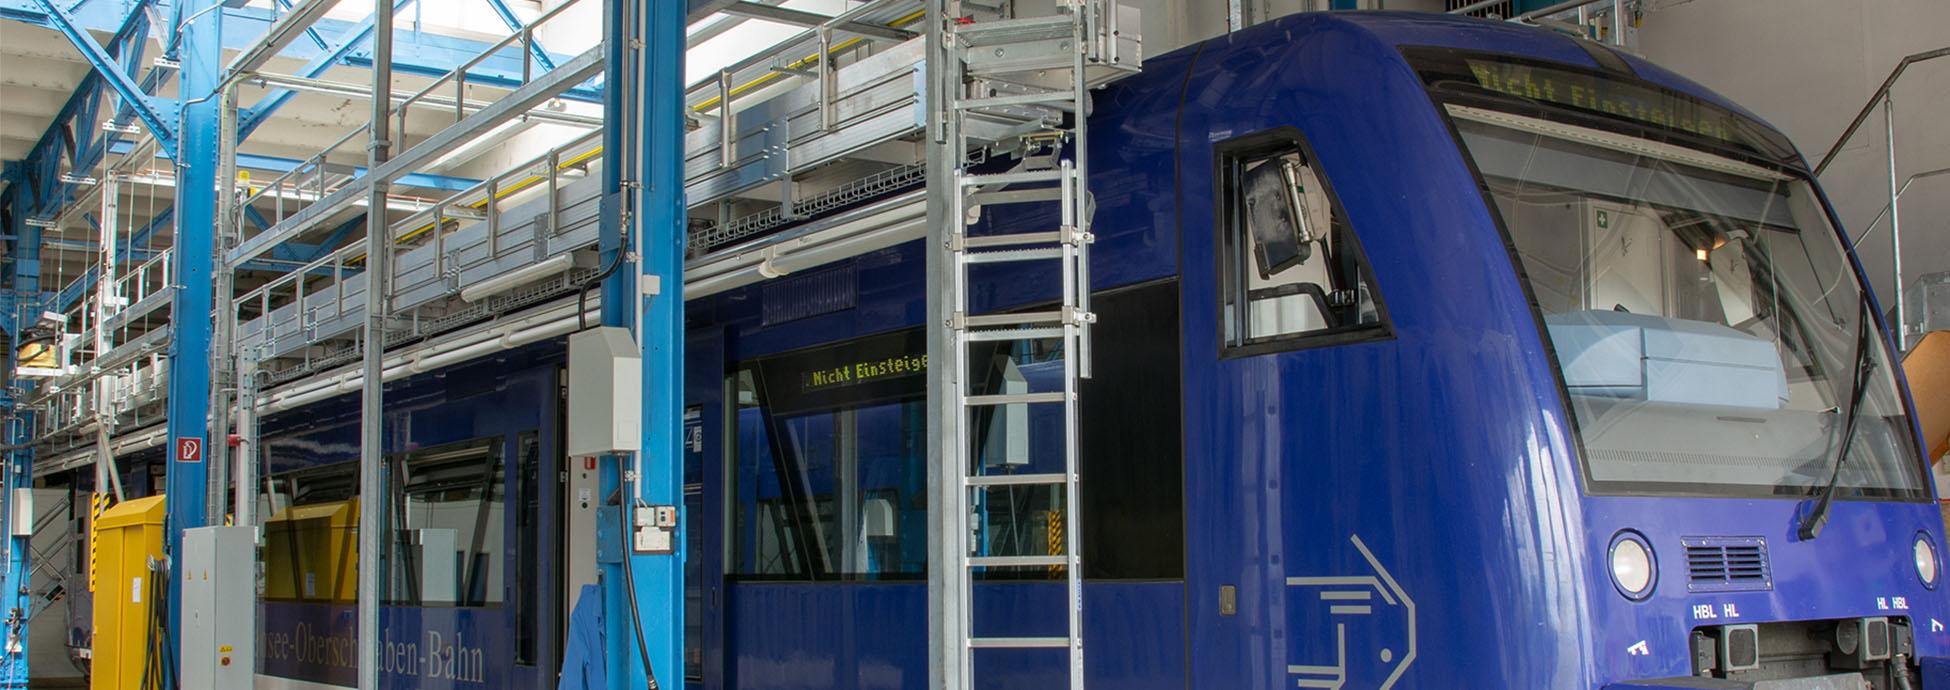 Стационарная подвесная рабочая платформа для работ на крыше с электрически выдвижными платформами и трапом для подъёма